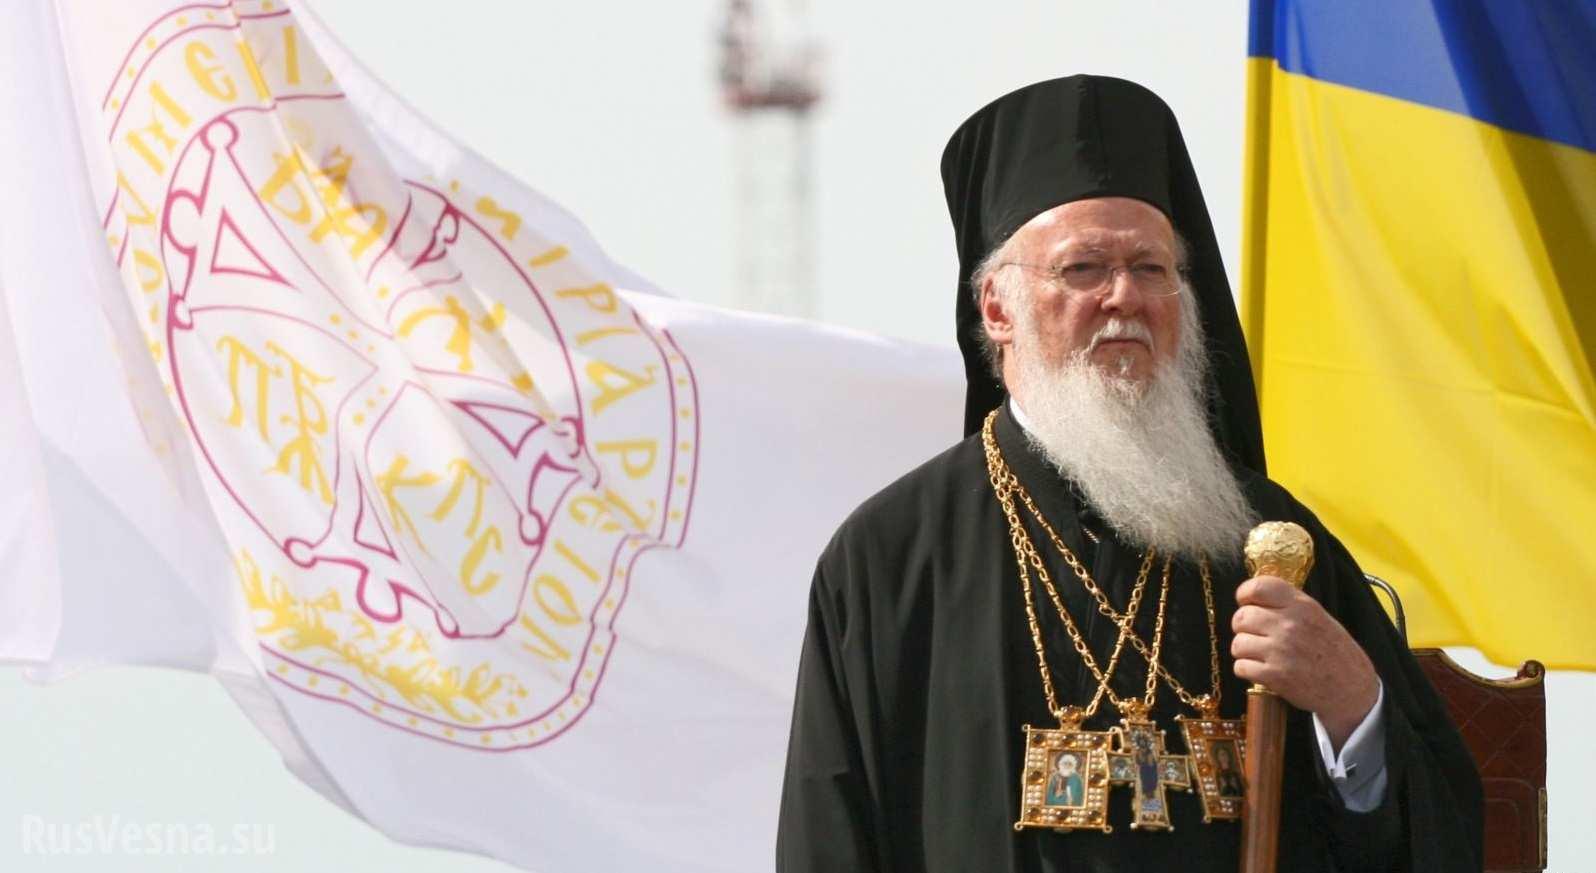 Главу УПЦ МП позвали на объединительный собор и сделали серьезное предупреждение